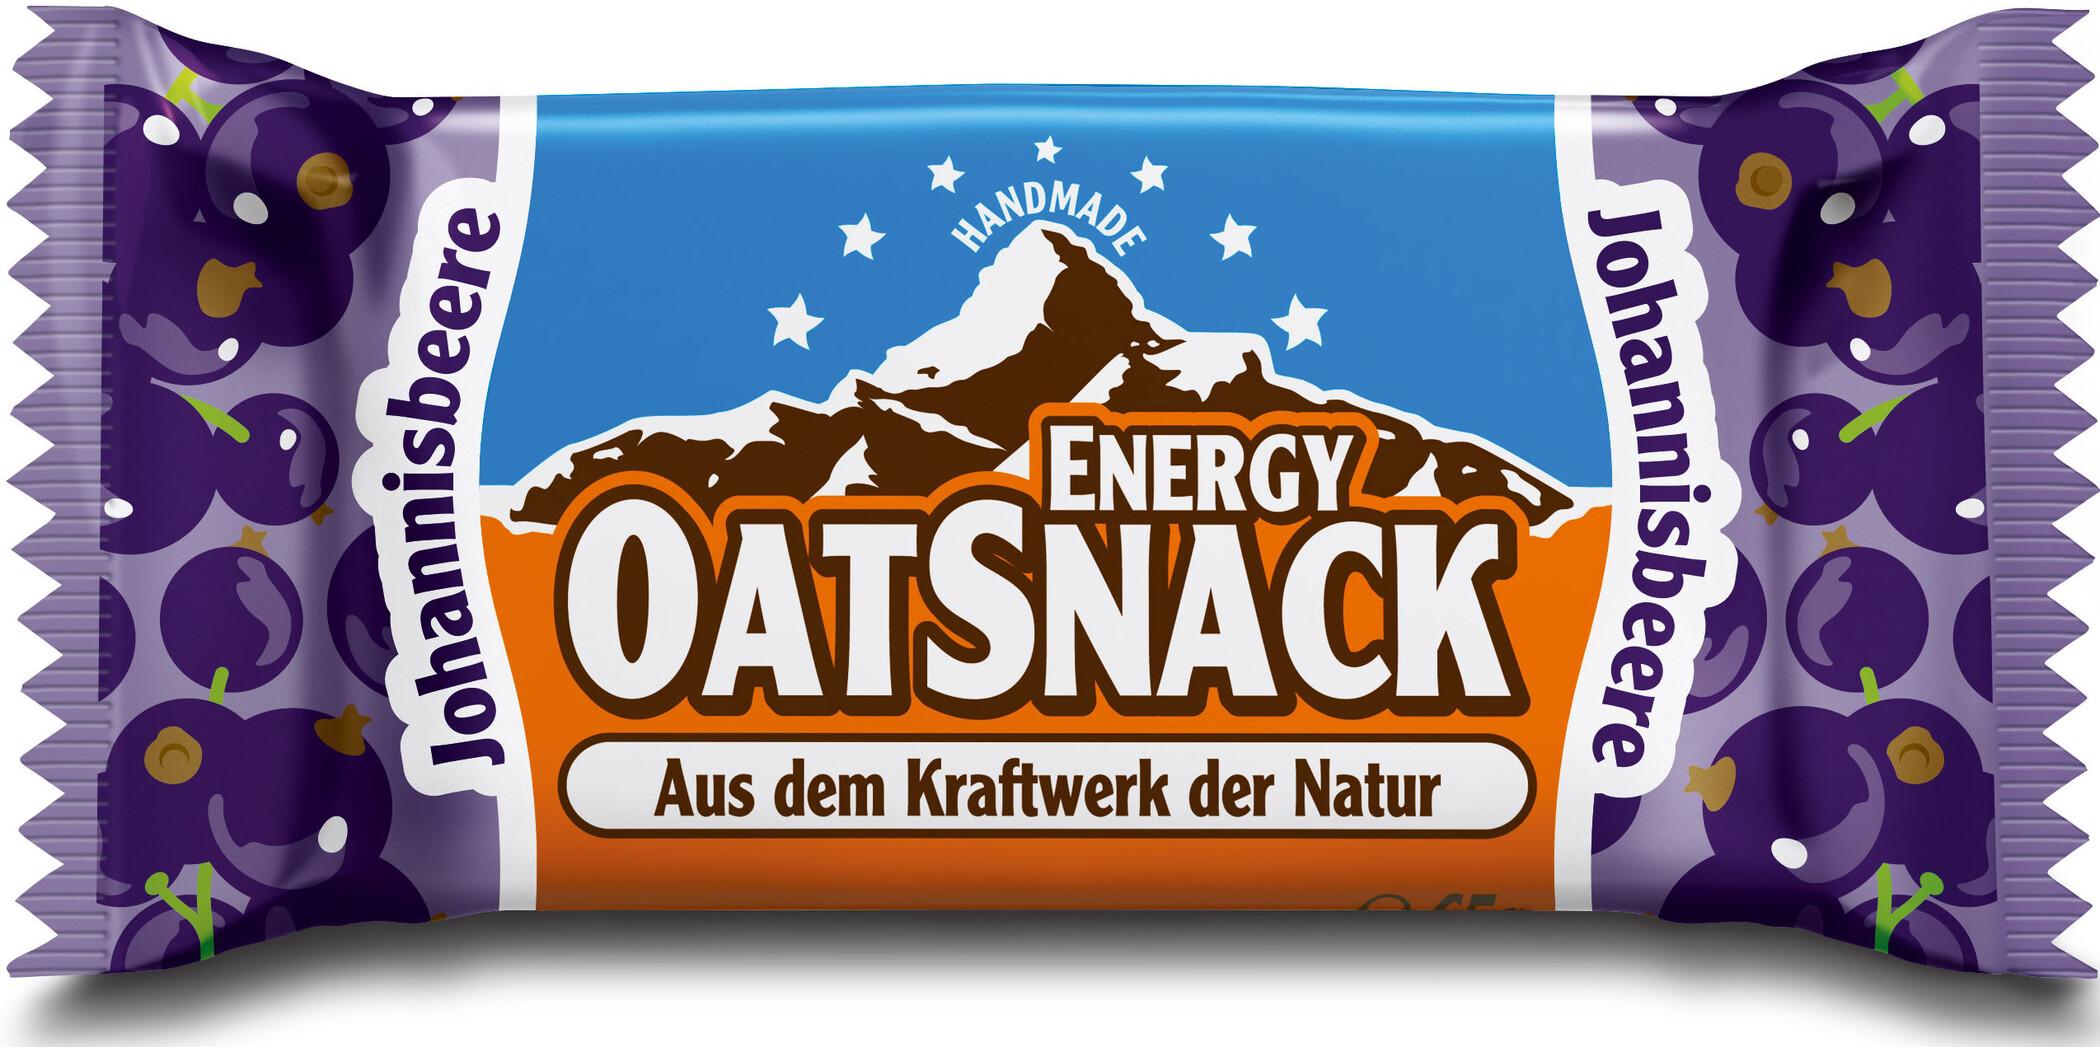 Energy OatSnack Styr 65g, Currant | Handlebars